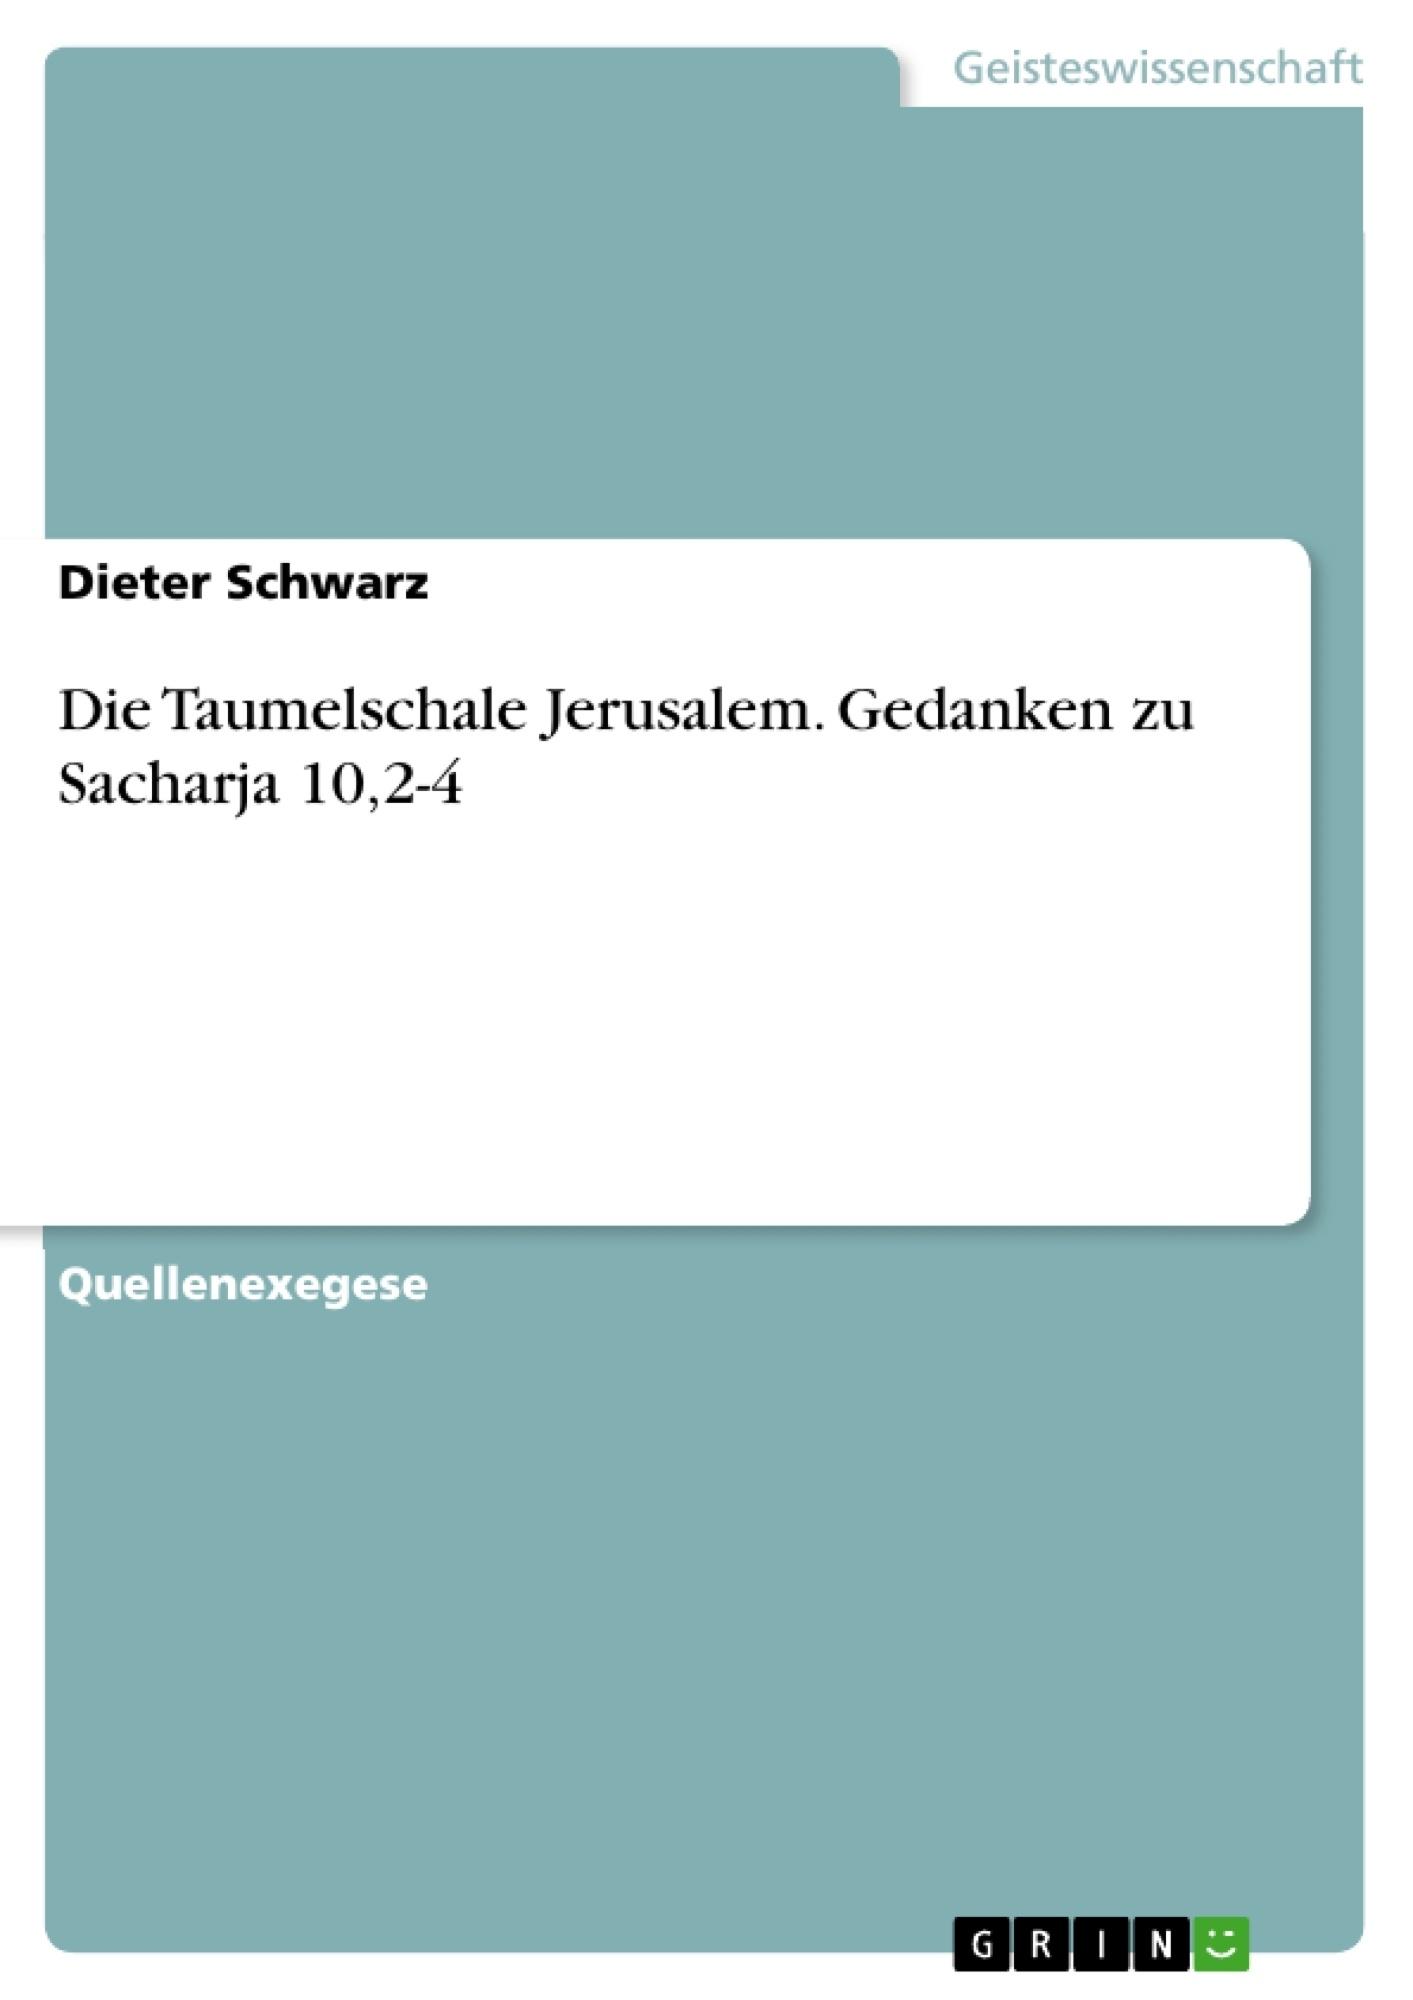 Titel: Die Taumelschale Jerusalem. Gedanken zu Sacharja 10,2-4